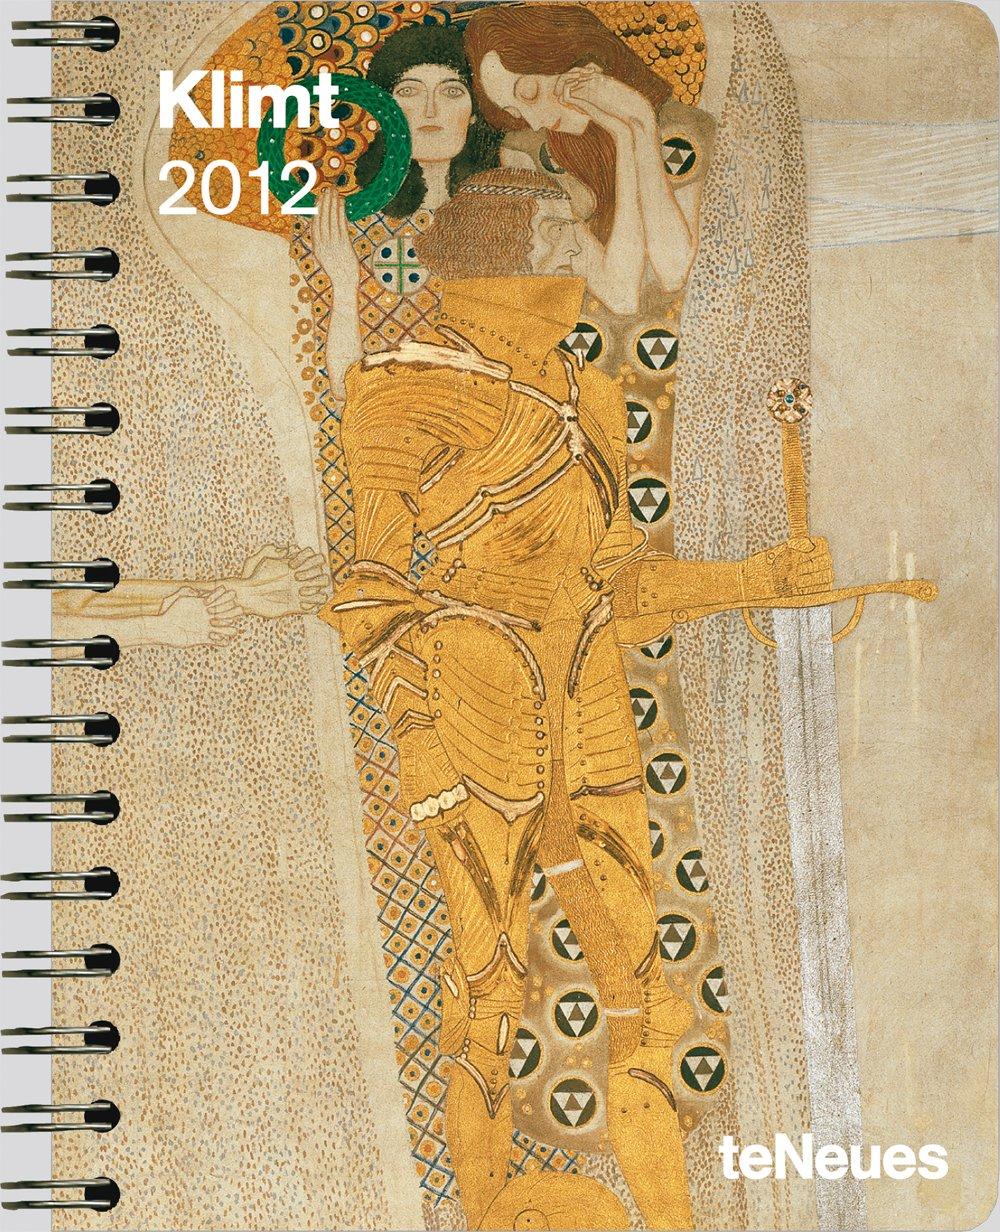 Klimt 2012